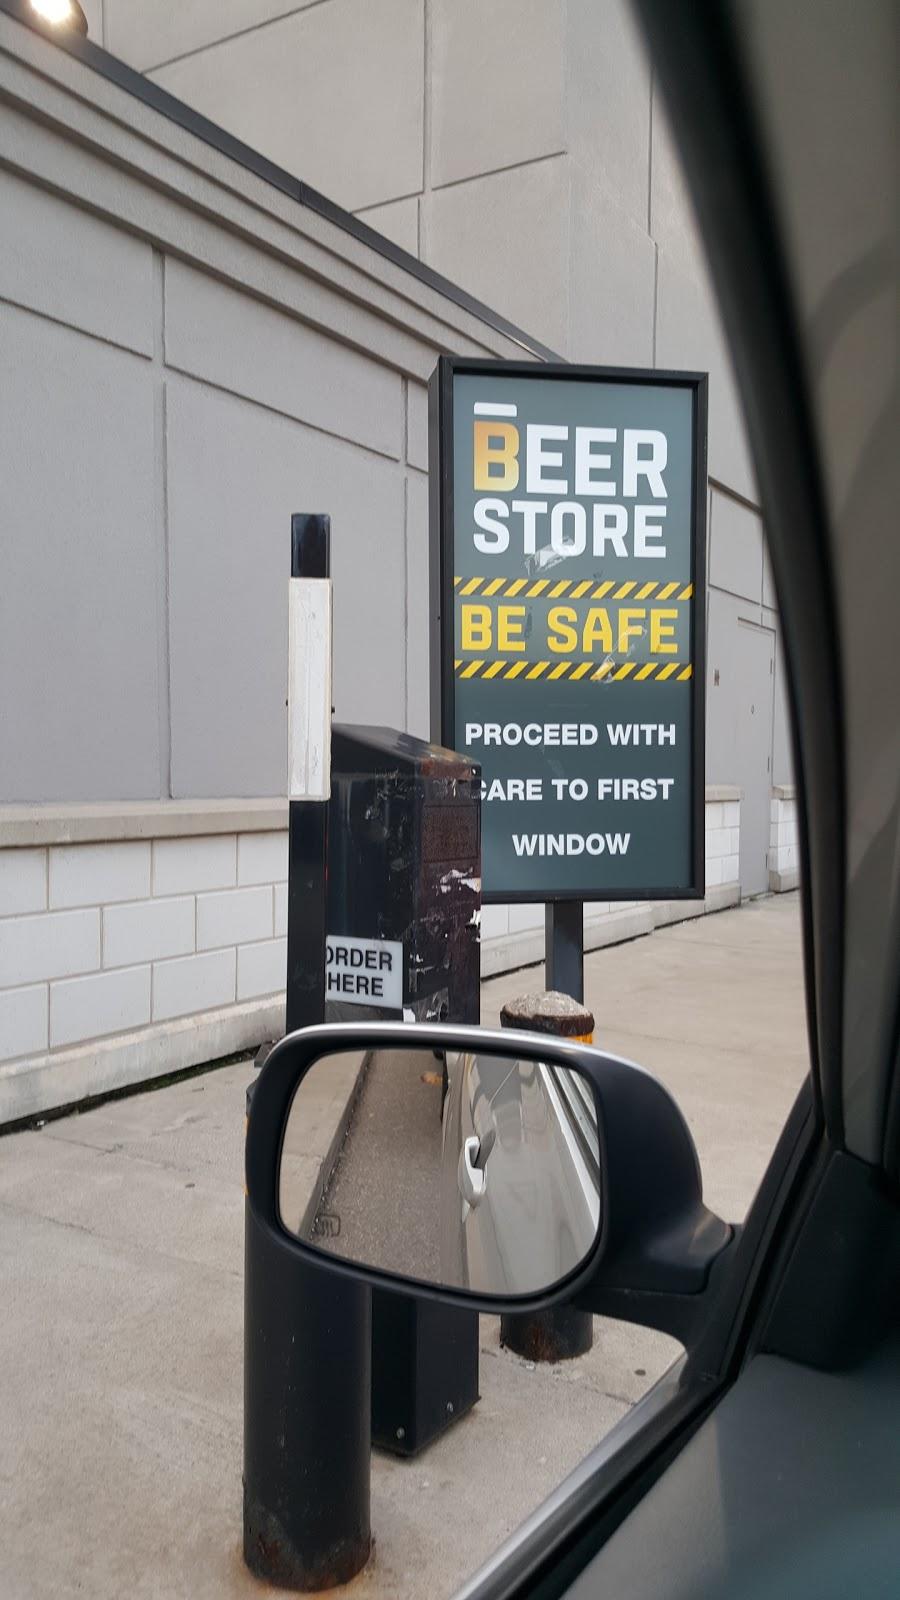 Beer Store | store | 150 Barton St E, Hamilton, ON L8L 2W5, Canada | 9055237822 OR +1 905-523-7822